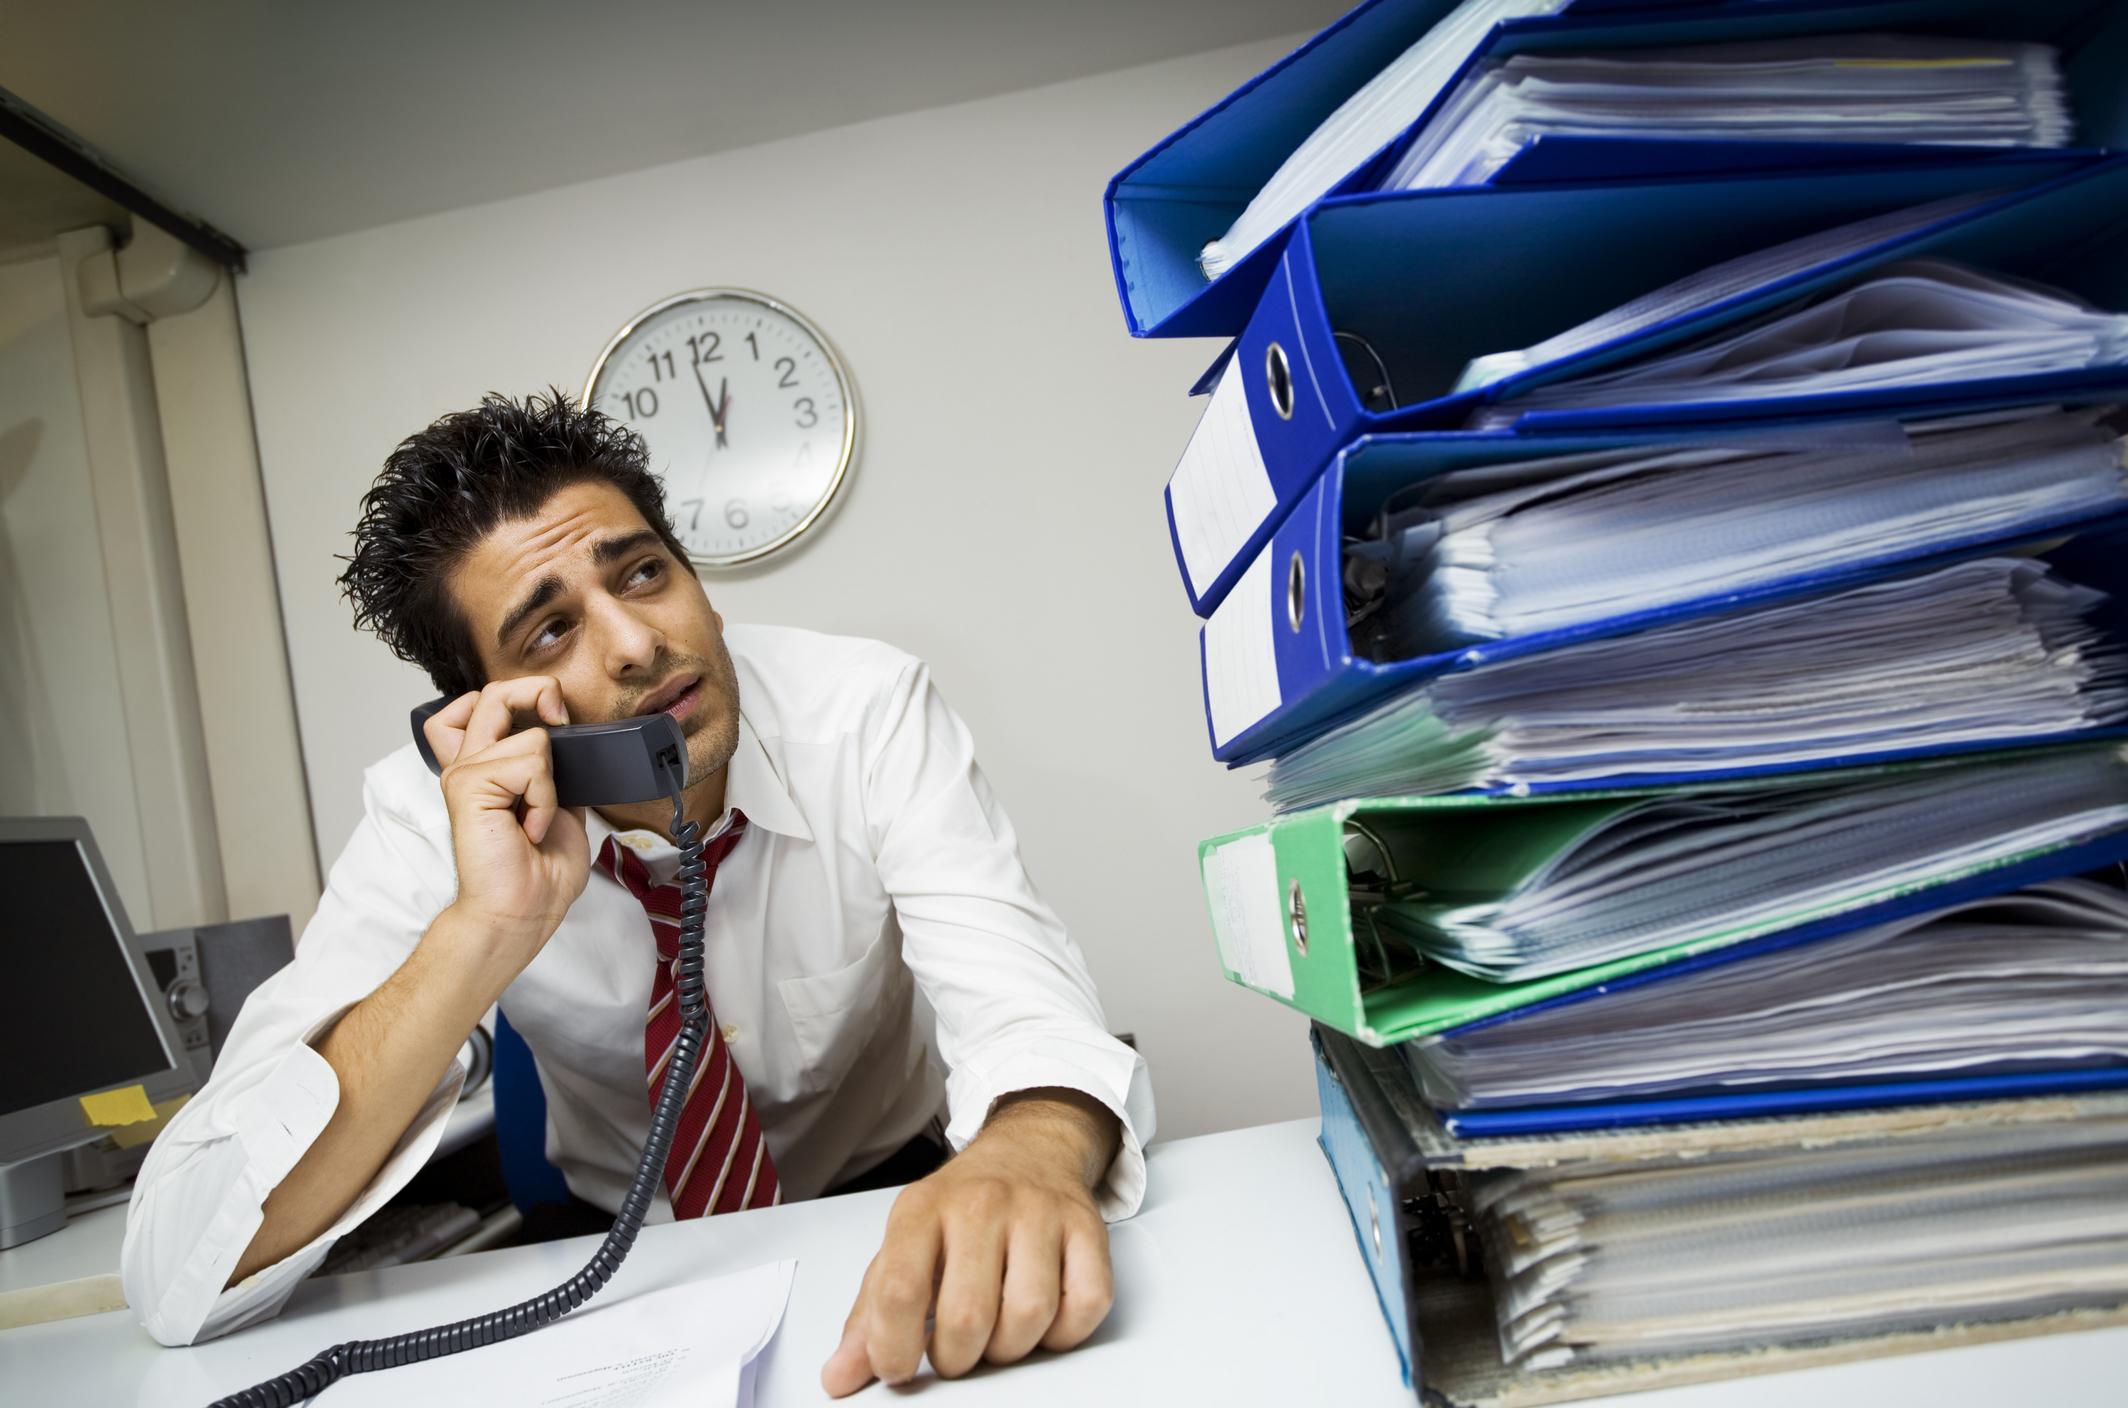 Как правильно уволиться с работы если начальник тиран